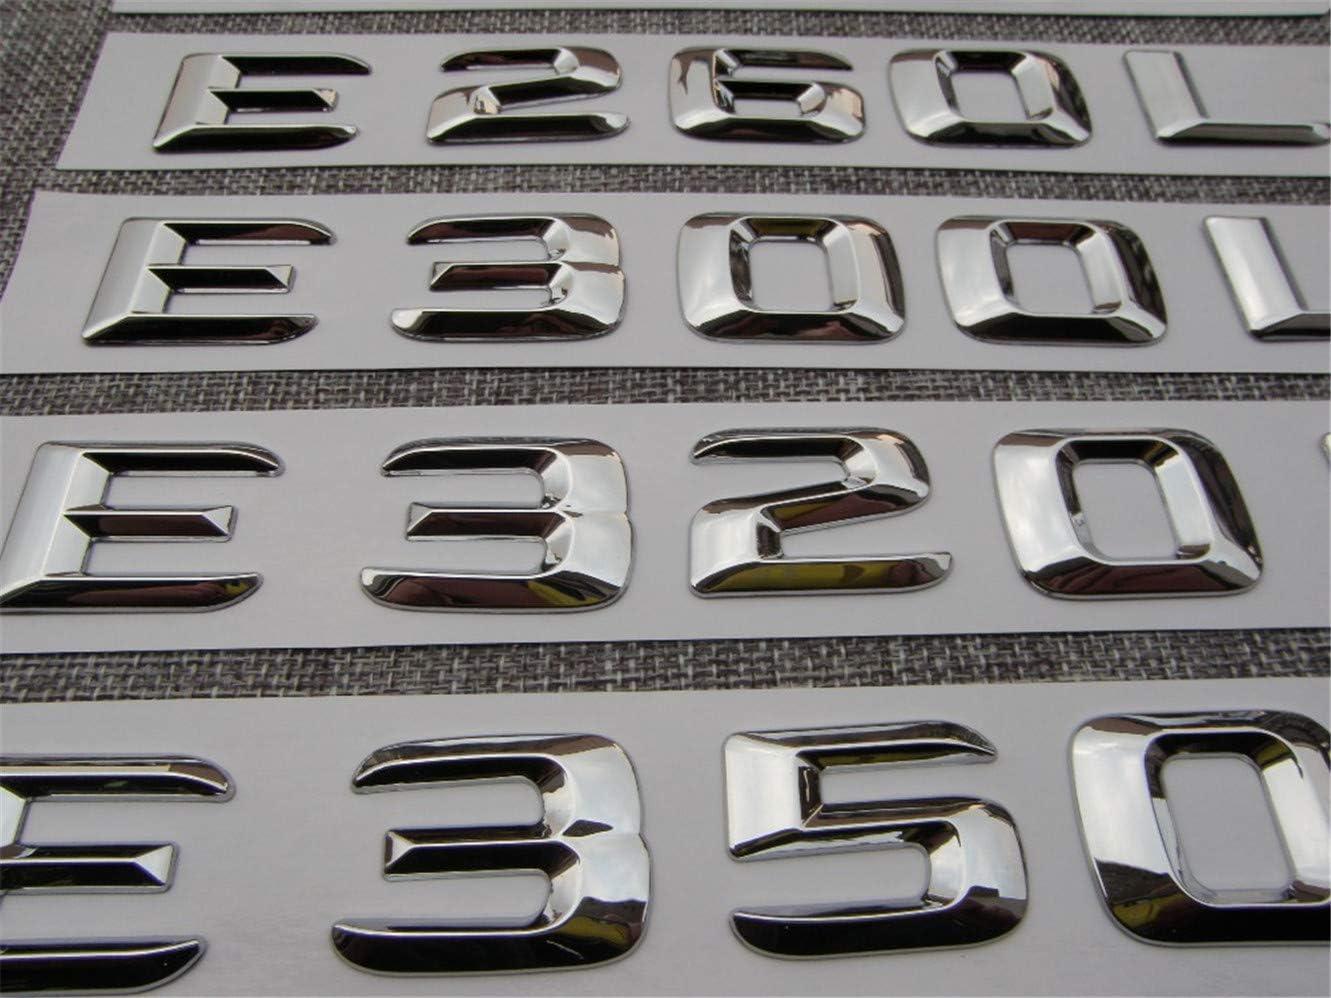 E500 Chrome Car Trunk Letters Badge Emblem Emblems E43 E55 E63 AMG E200 E250 E300 E320 E350 E400 E180 4MATIC CDI